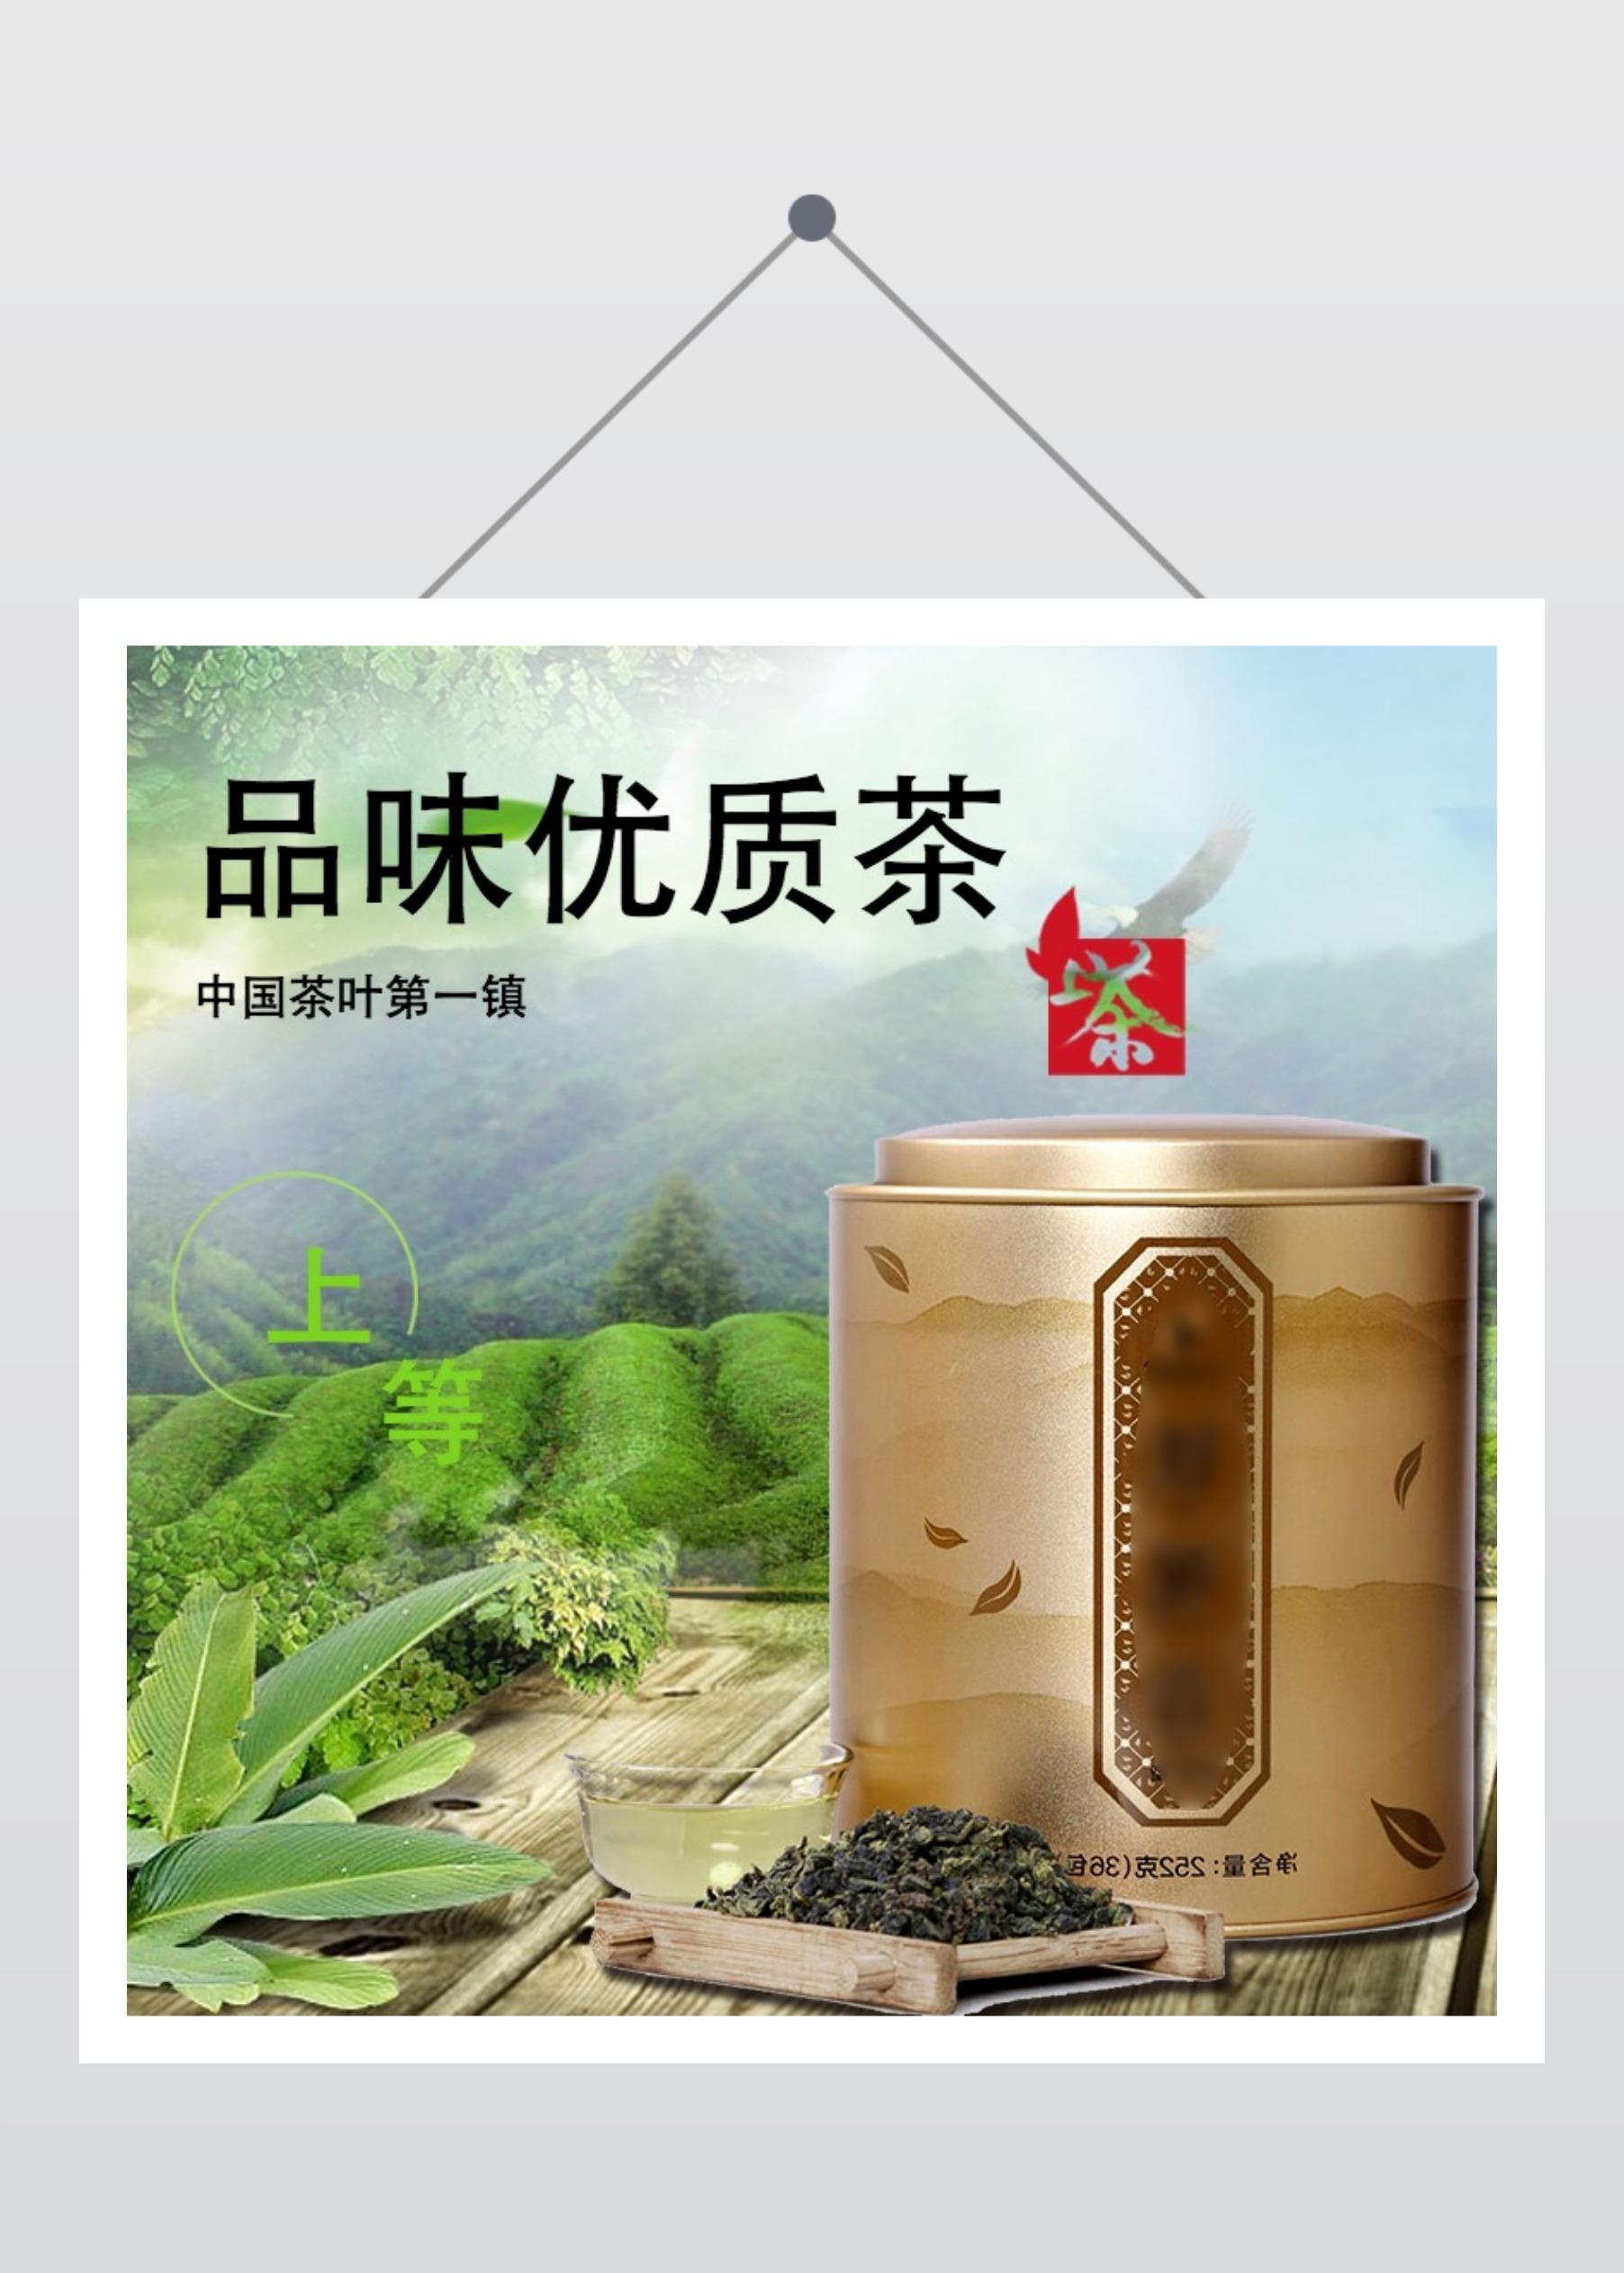 清新简约优质茶叶电商主图